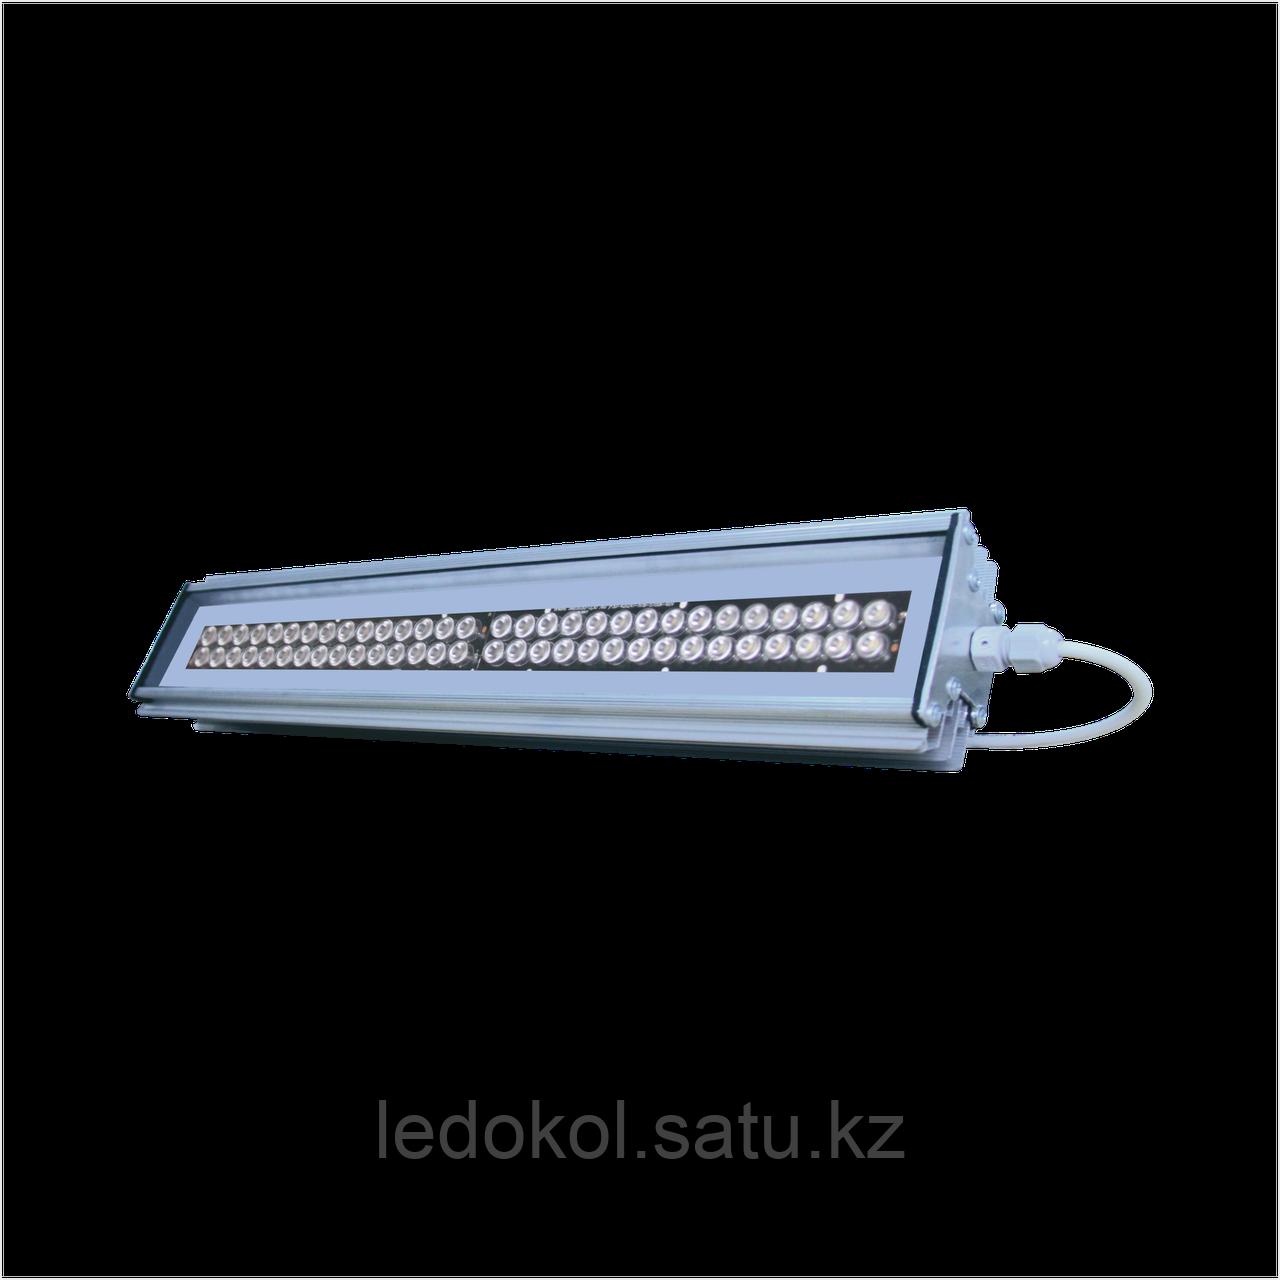 Светильник 100 Вт, Промышленный светодиодный, алюминиевый корпус